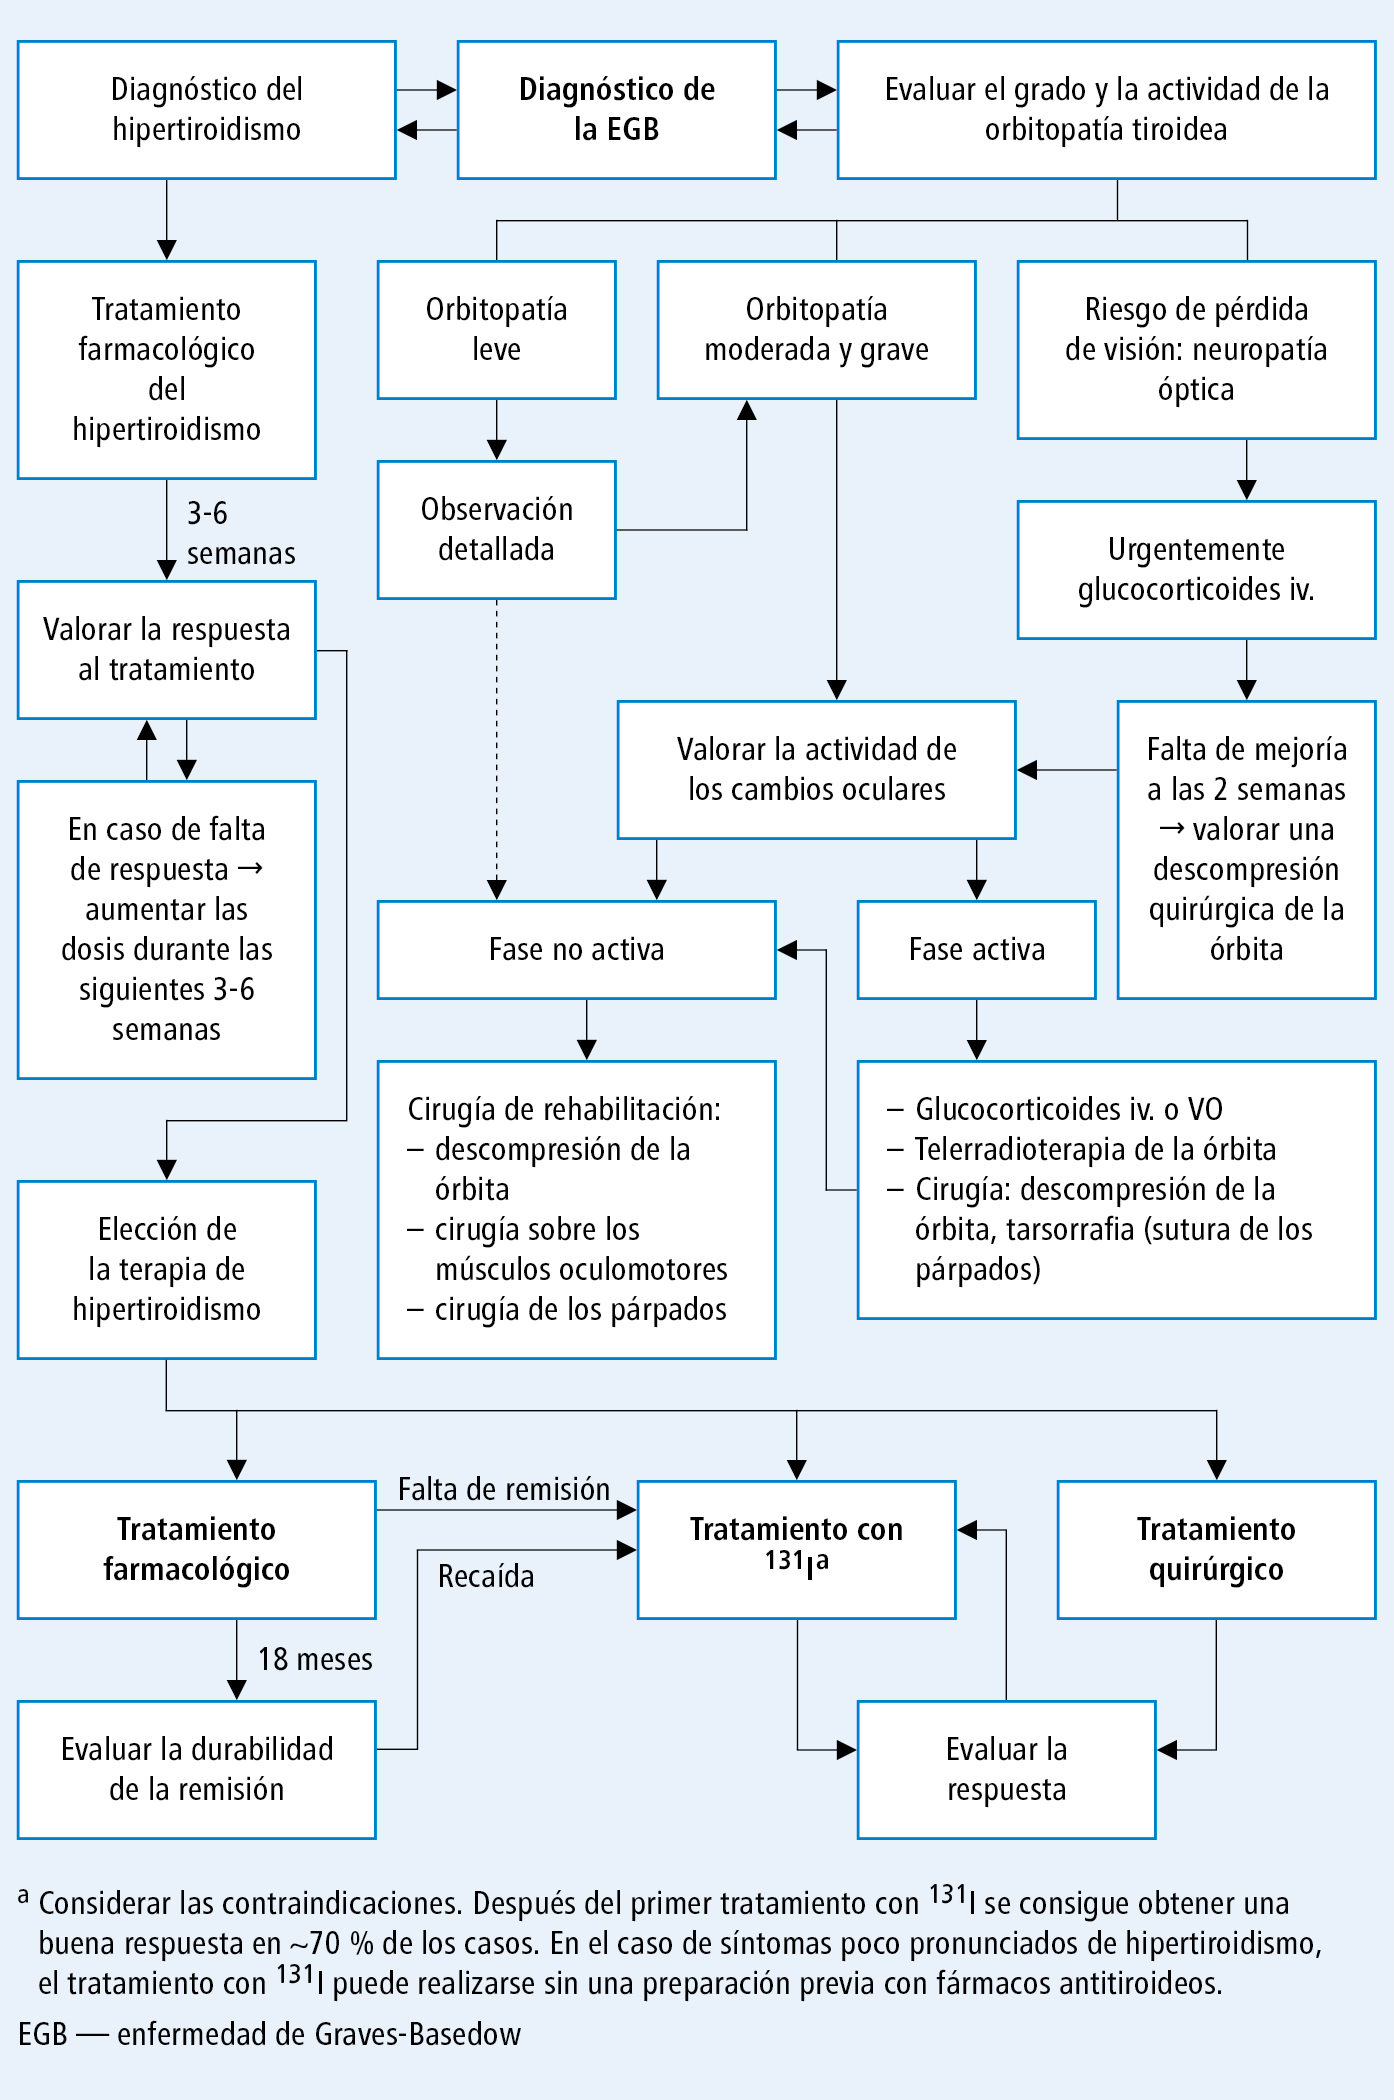 Algoritmo terapéutico de la enfermedad de Graves-Basedow